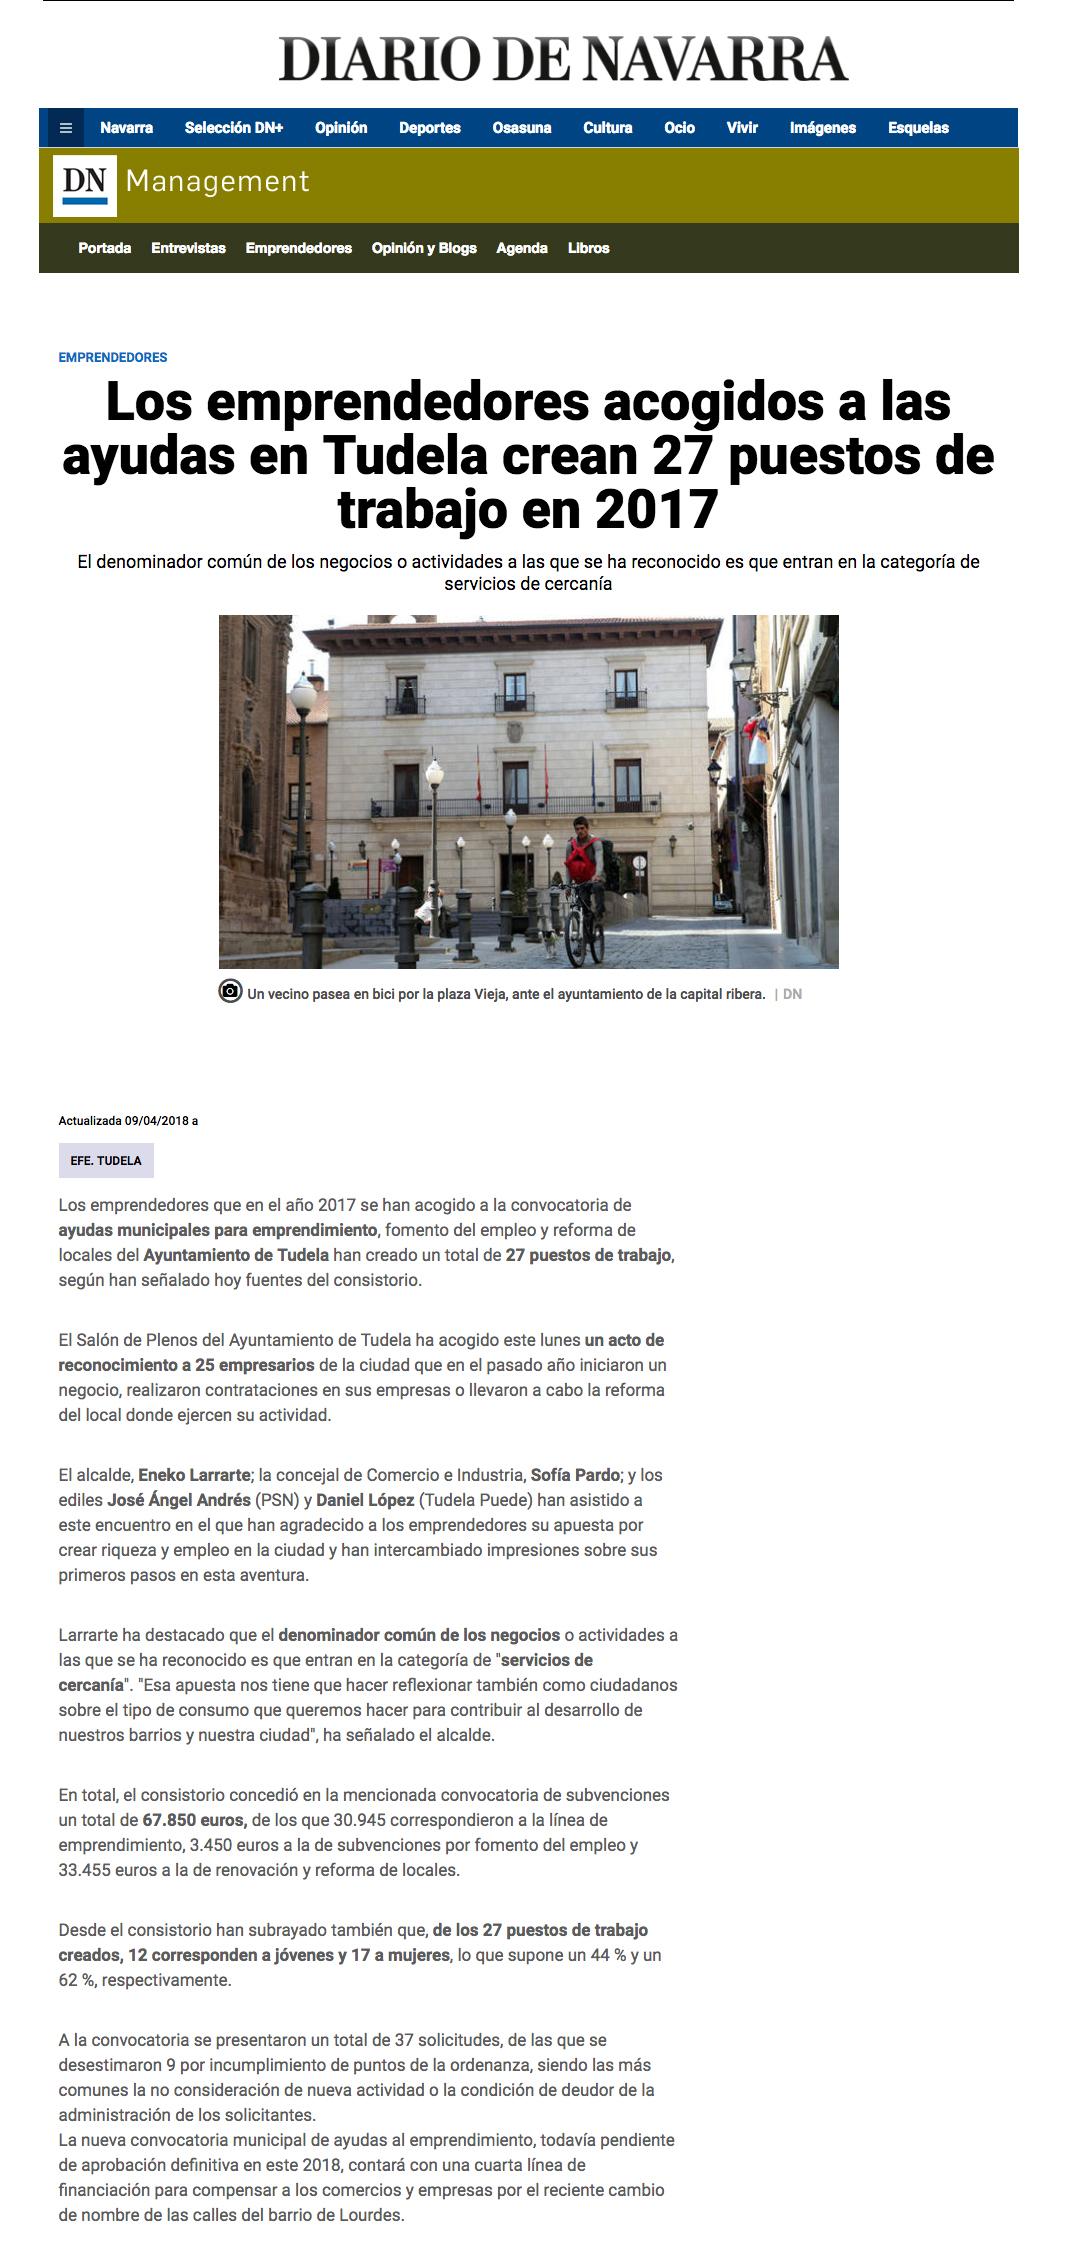 Fantástico Niñera Reanudar Deberes De Trabajo Bosquejo - Ejemplo De ...